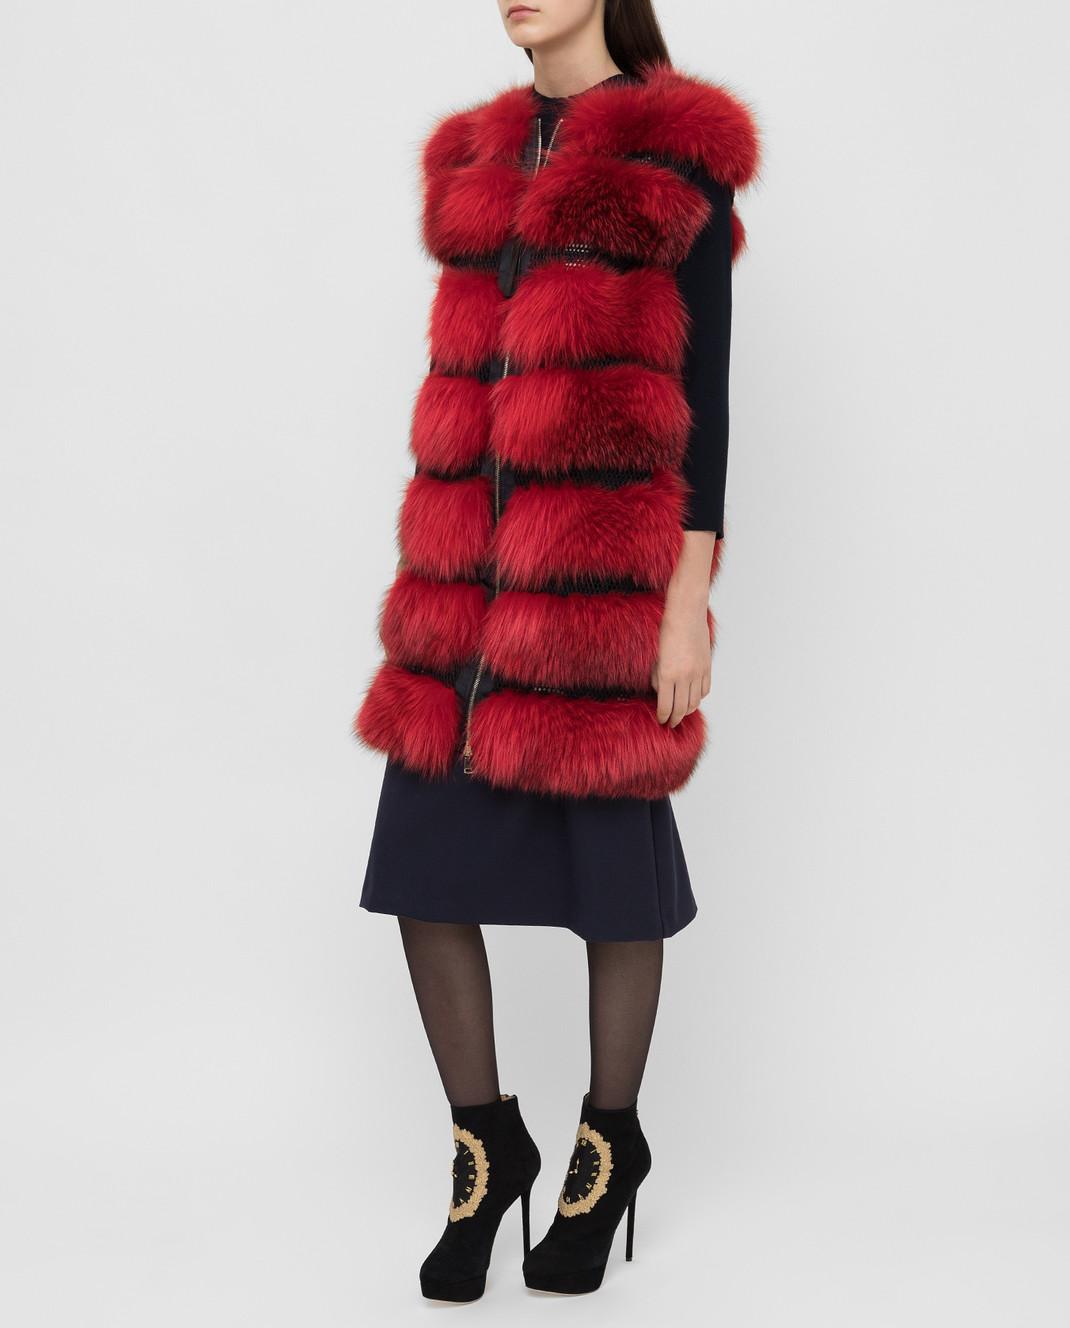 Florence Mode Красный жилет из меха лисы L1459BISV изображение 3